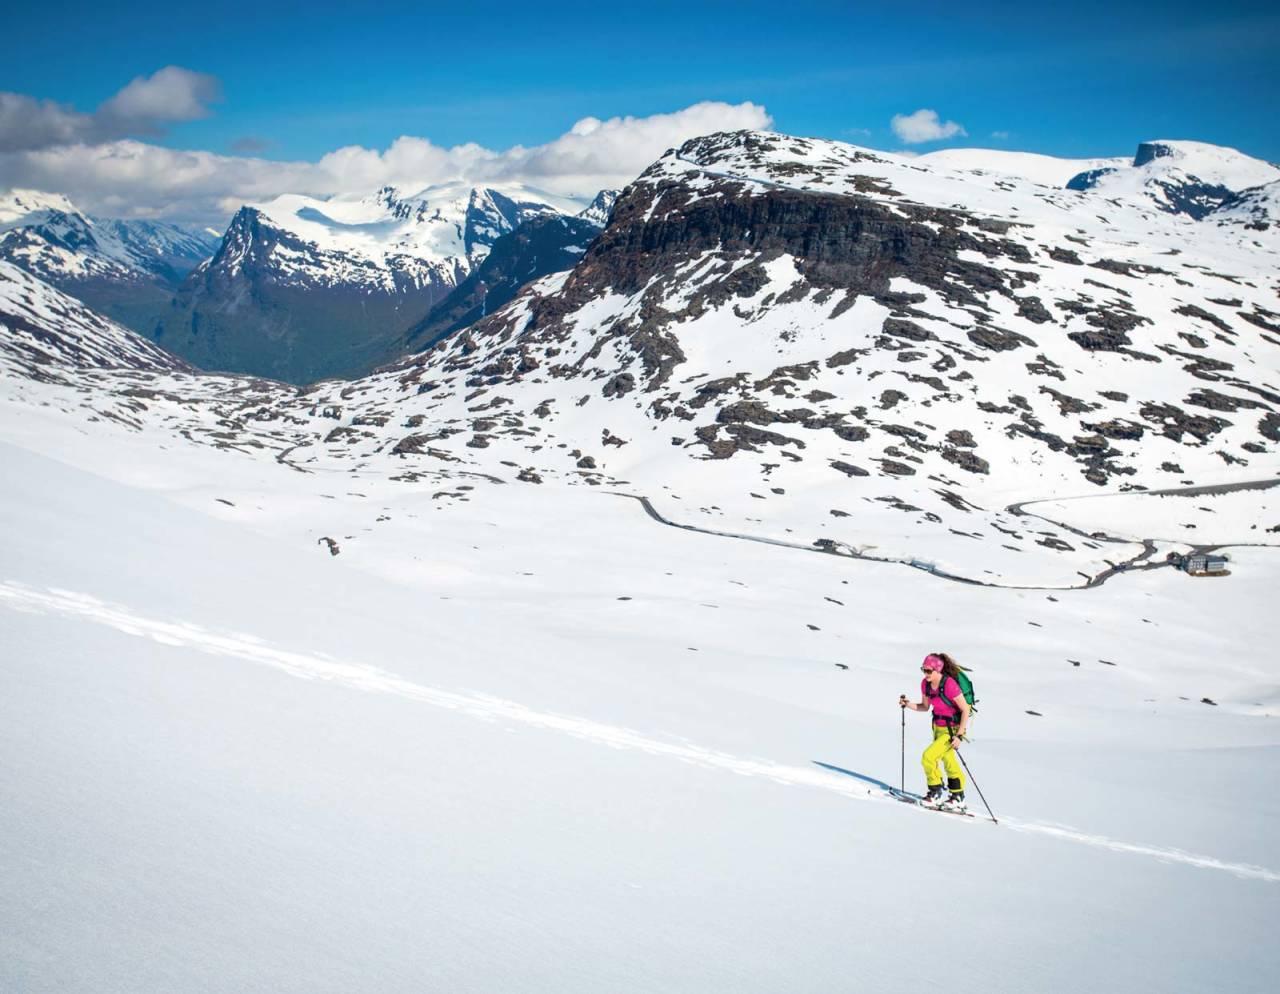 På Strynefjellet kan du normalt finne gode skiforhold langt utover våren. Bilete er teke 20. juni 2015. Djupvasshytta nede til høgre, Dalsnibba ruvande bak. Foto: Håvard Myklebust.